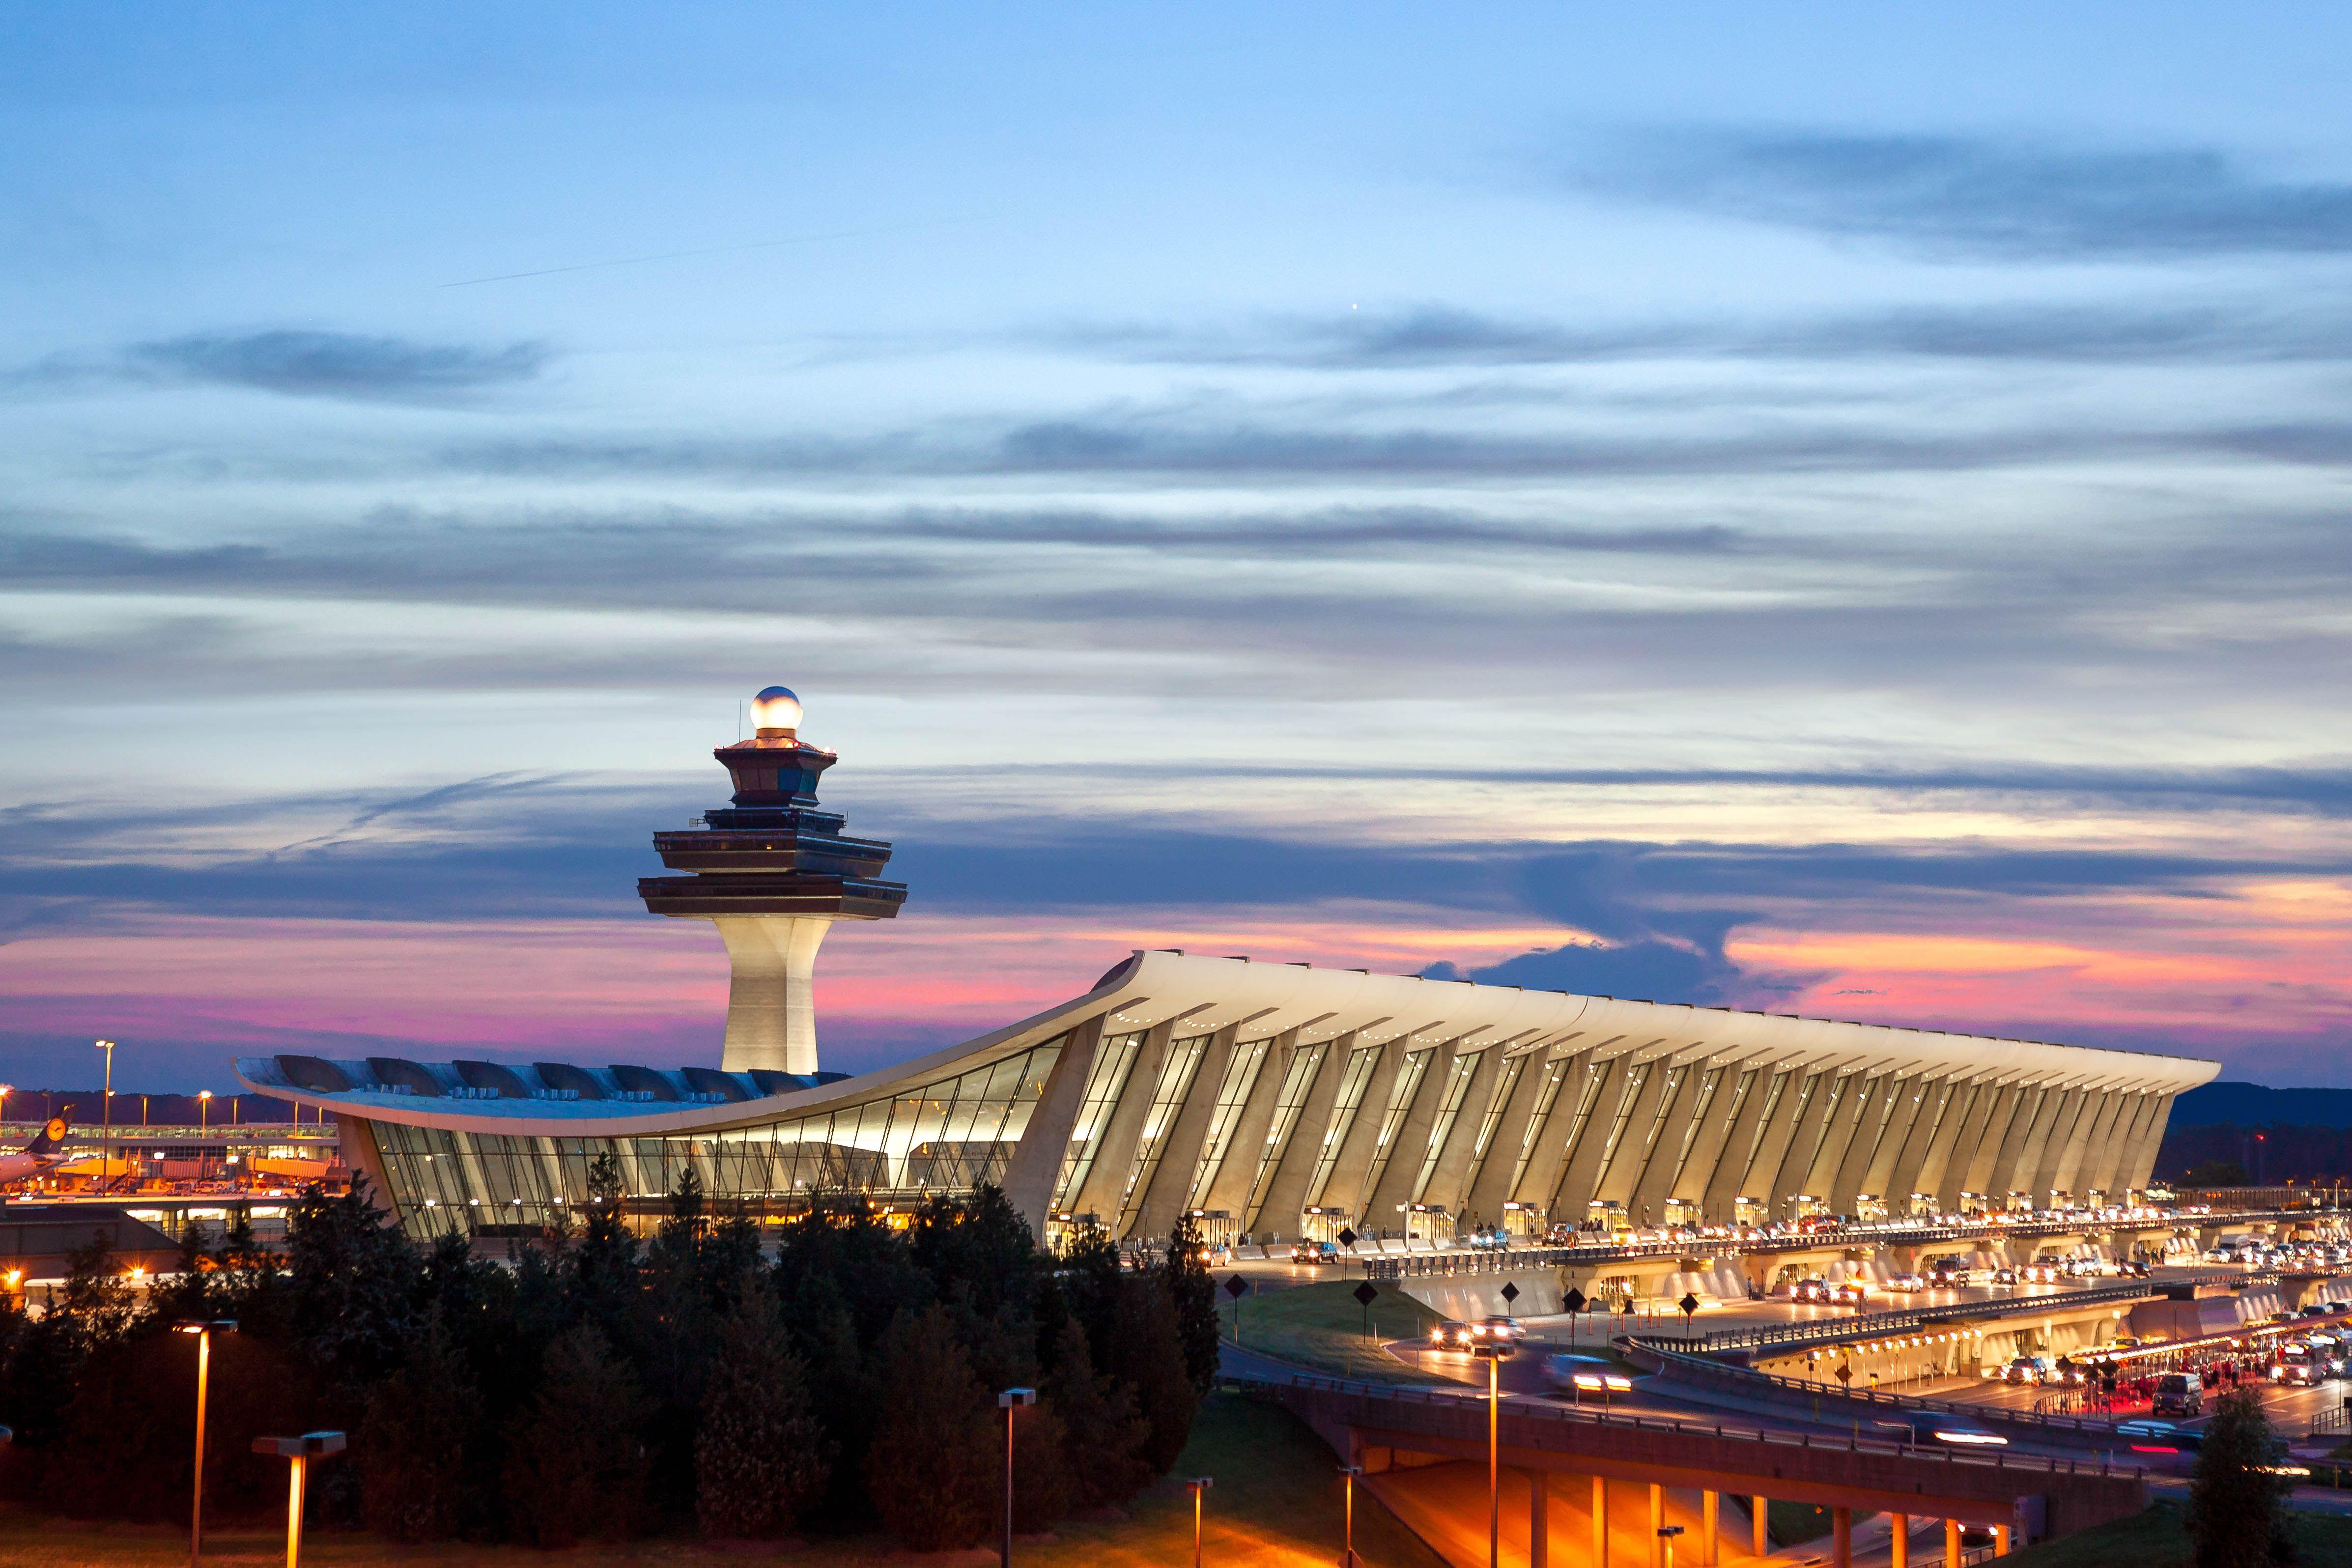 d83dafa947f499048bdbffd11b8e4229 - How To Get From Washington Dulles To Downtown Dc